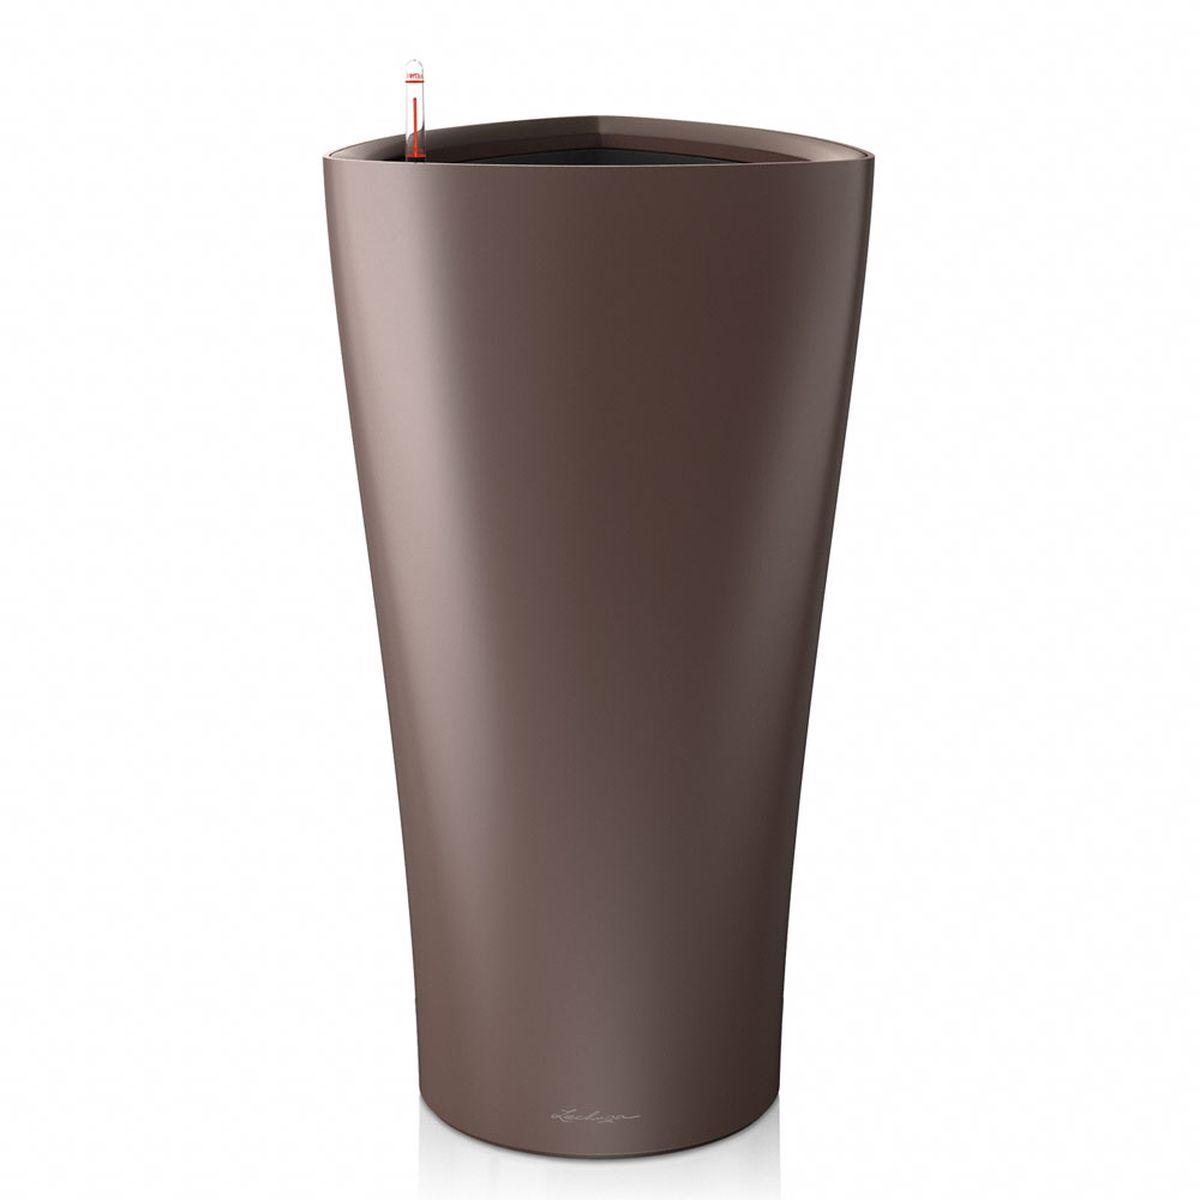 Кашпо Lechuza Delta, с системой автополива, цвет: эспрессо, 40 х 40 х 75 см15557Кашпо Lechuza Delta, выполненное из высококачественного пластика, имеет уникальную систему автополива, благодаря которой корневая система растения непрерывно снабжается влагой из резервуара. Уровень воды в резервуаре контролируется с помощью специального индикатора. В зависимости от размера кашпо и растения воды хватает на 2-12 недель. Это способствует хорошему росту цветов и предотвращает переувлажнение.В набор входит: кашпо, внутренний горшок, индикатор уровня воды, резервуар для воды. Внутренний горшок, оснащенный выдвижными ручками, обеспечивает:- легкую переноску даже высоких растений;- легкую смену растений;- можно также просто убрать растения на зиму;- винт в днище позволяет стечь излишней дождевой воде наружу.Кашпо Lechuza Delta прекрасно впишется в интерьер больших холлов, террас ресторанов и уютных гостиных. Изделие поможет расставить нужные акценты и придаст помещению вид, соответствующий вашим представлениям.